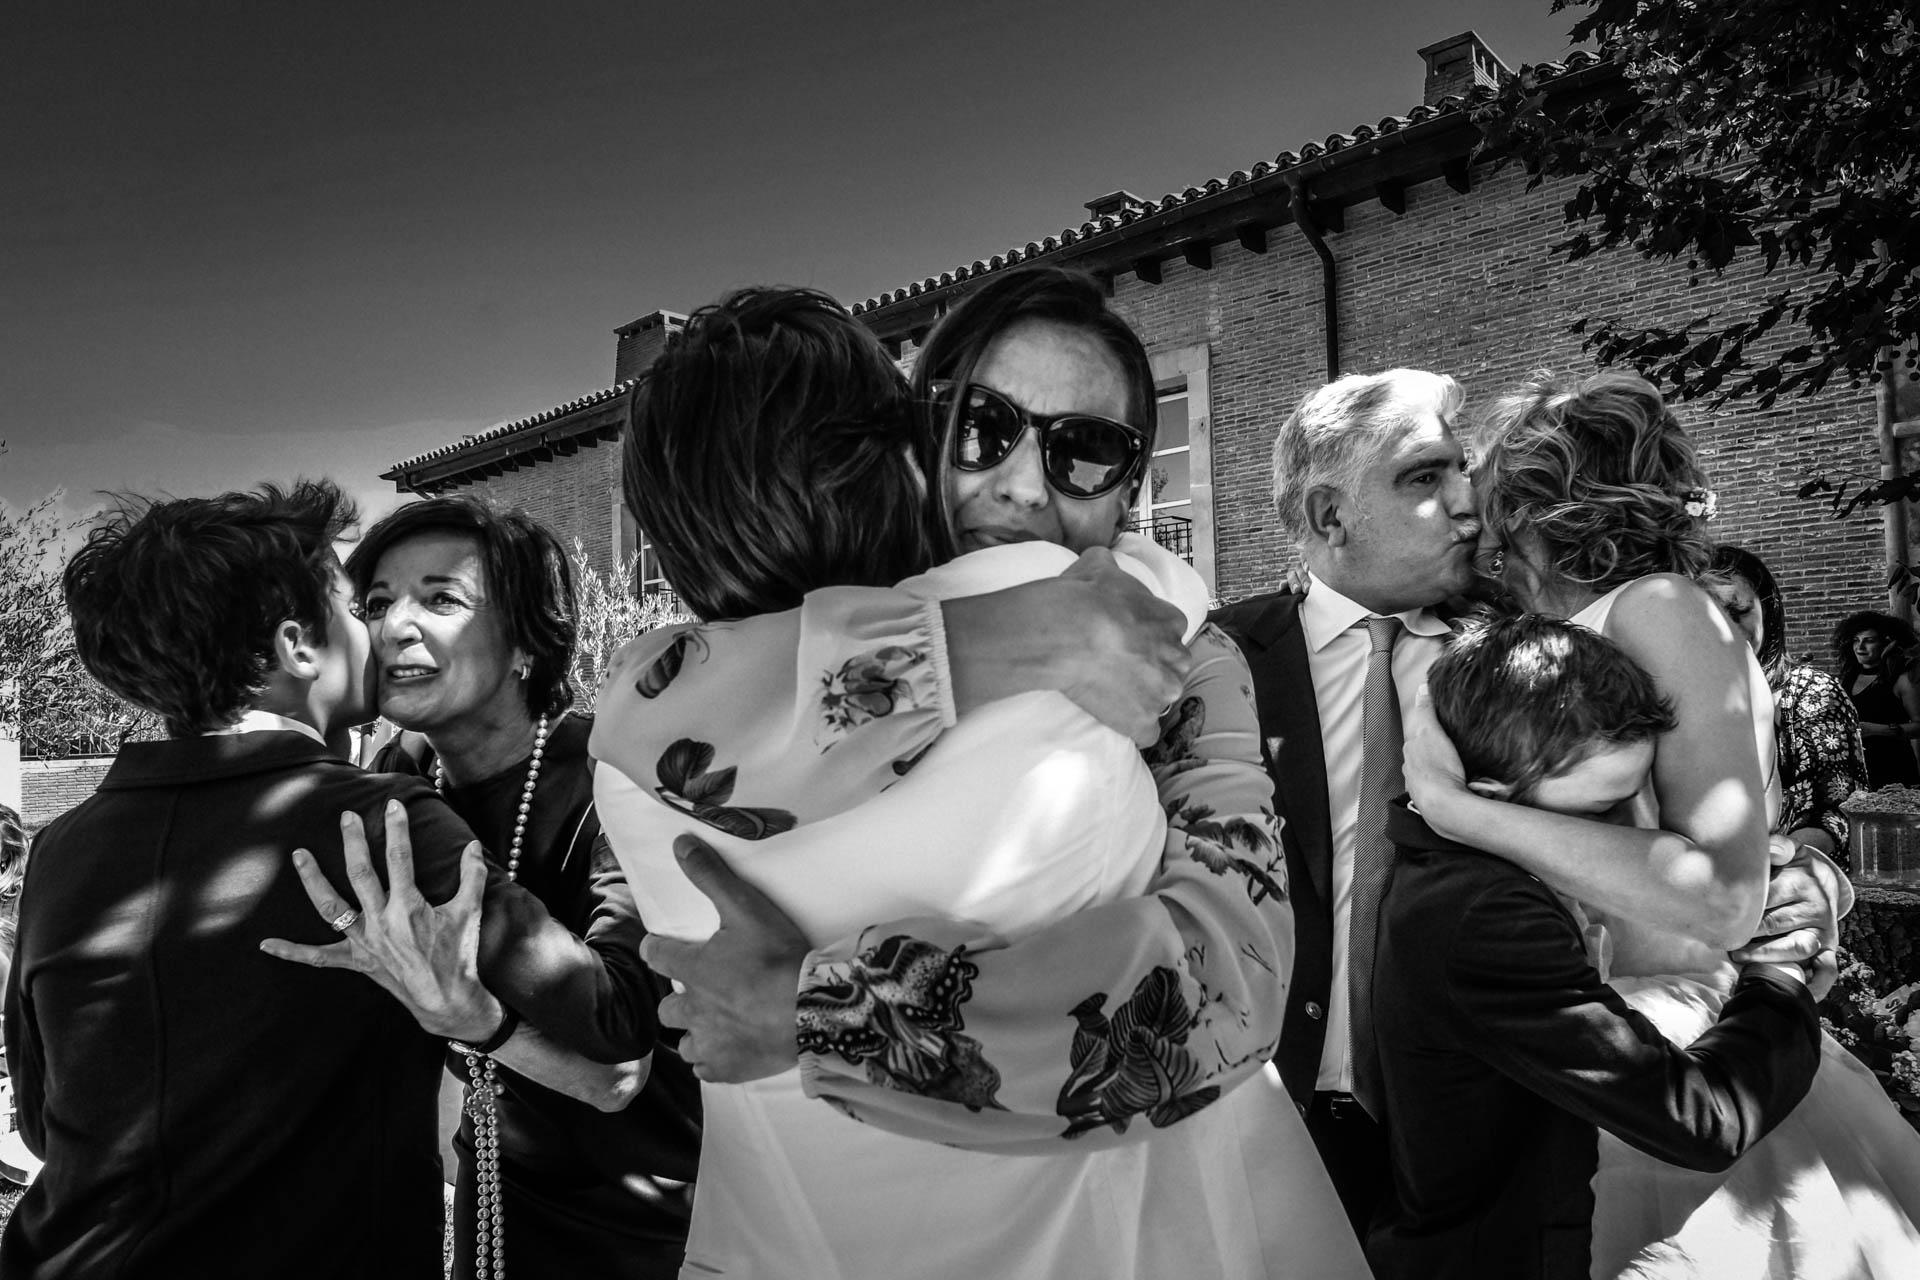 hugs at a wedding in spain